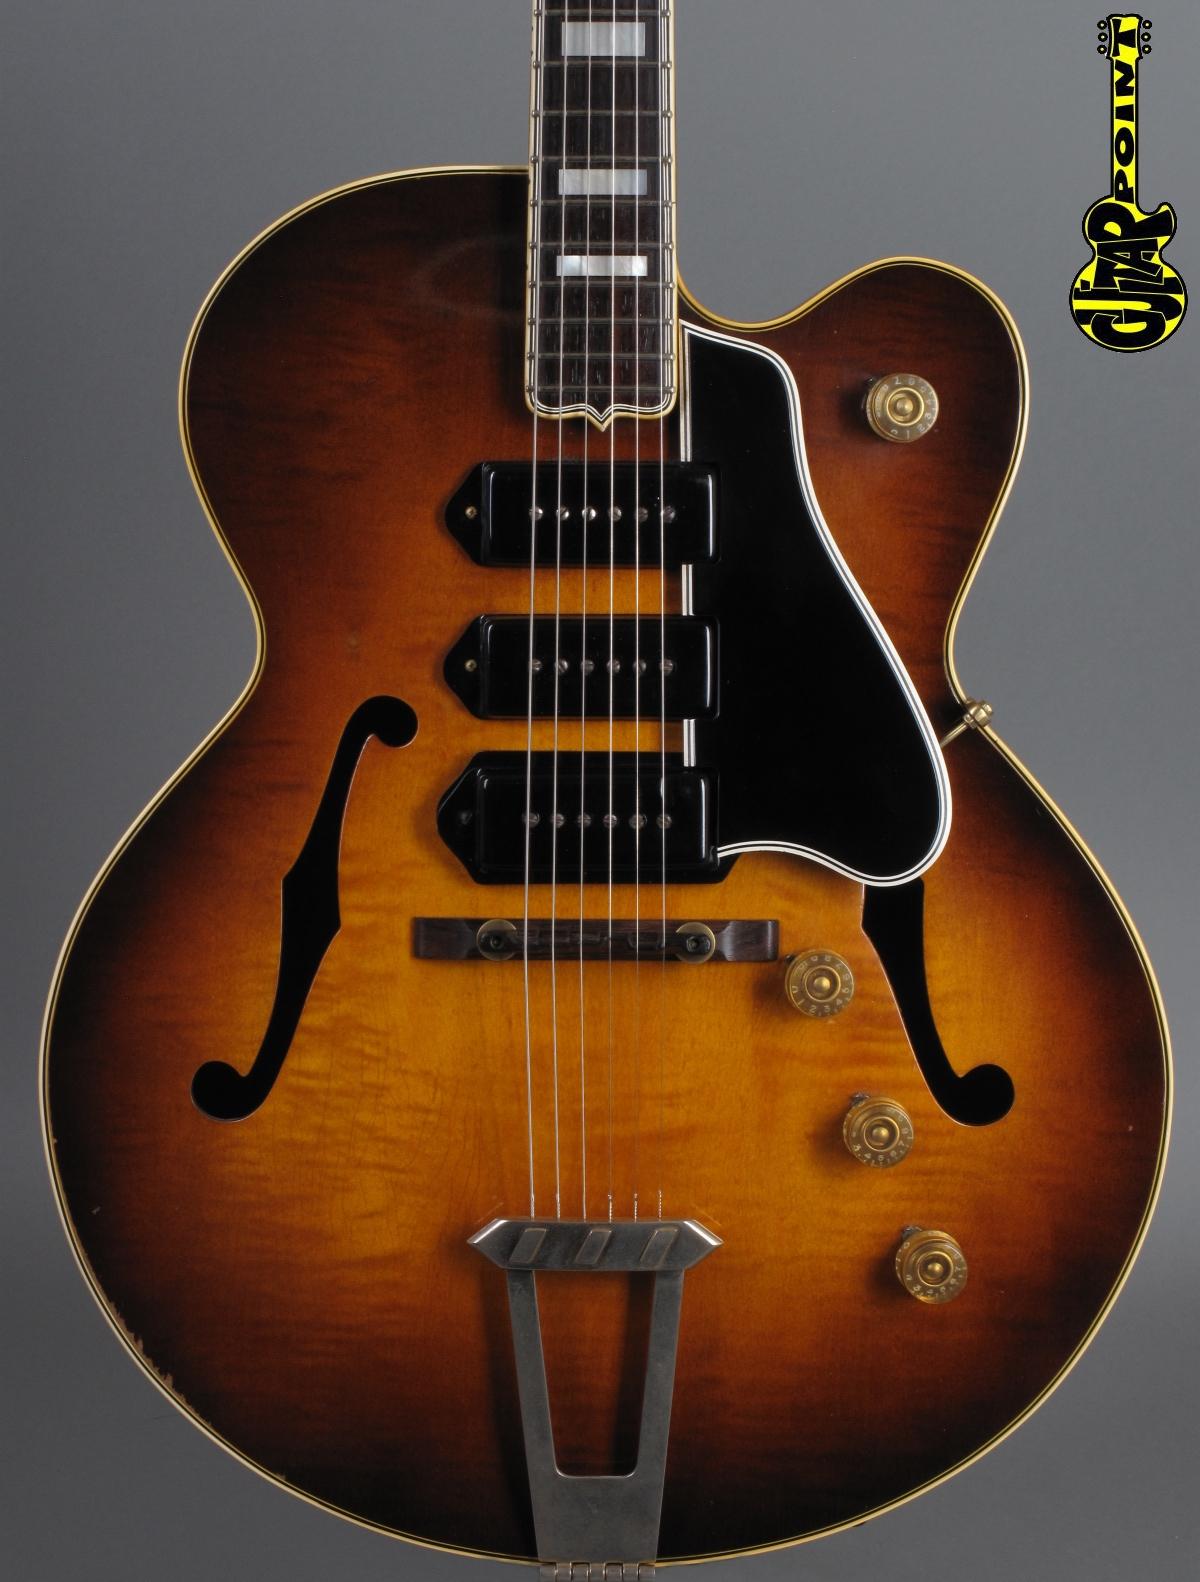 1950 Gibson ES-5 - Sunburst